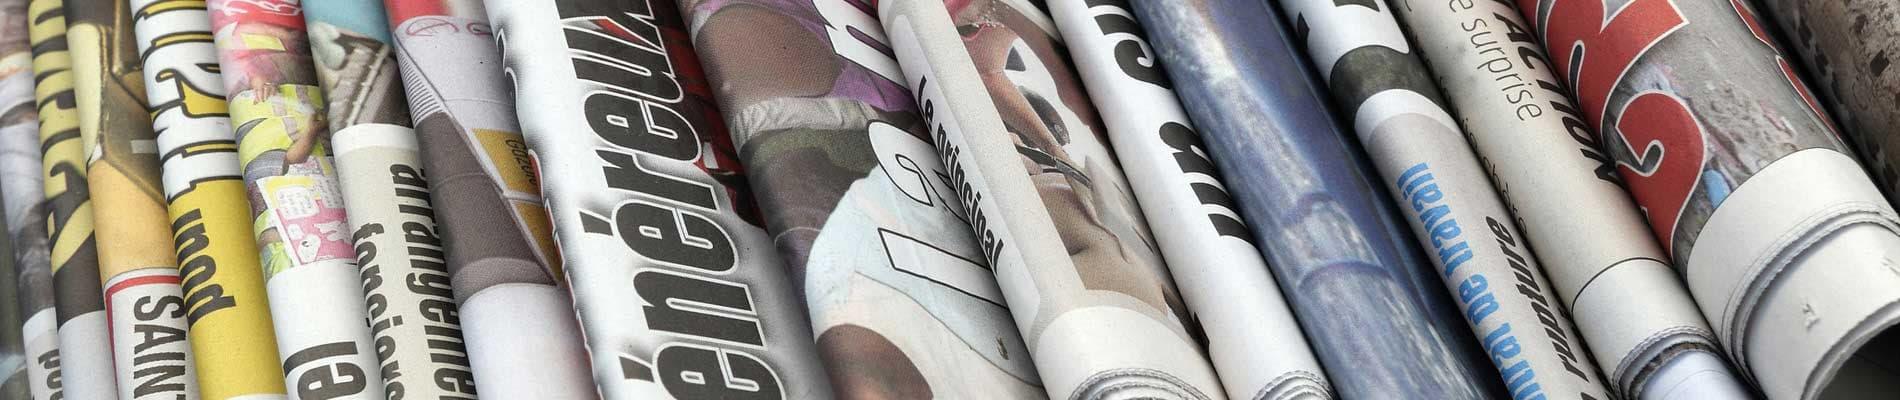 Ciencias de la comunicación, publicidad y relaciones públicas